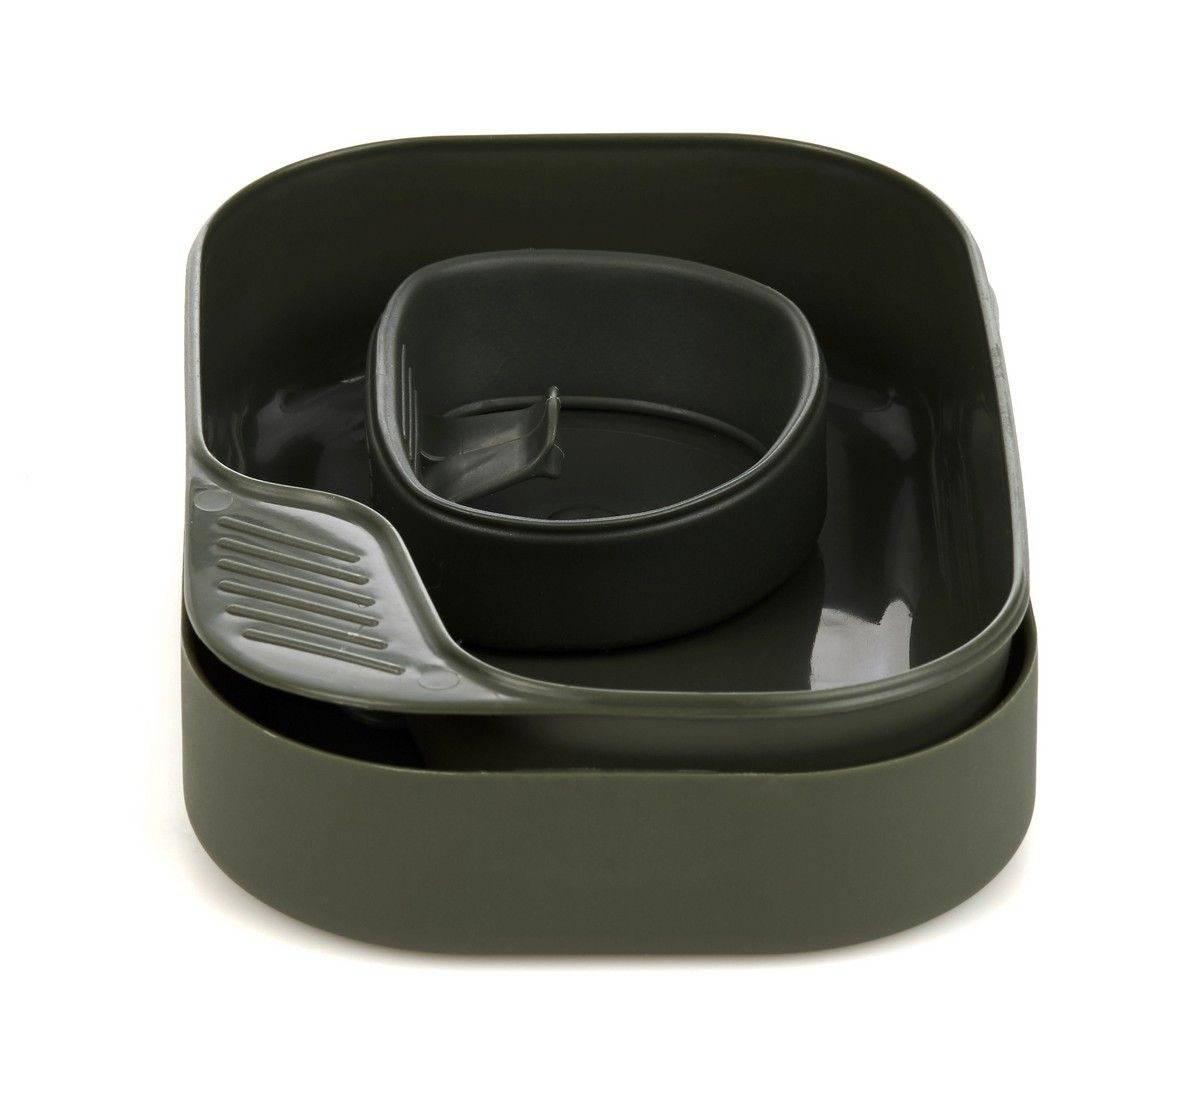 Набор походной посуды Wildo Camp-a-Box Basic, портативный, цвет: оливковый, 3 предмета